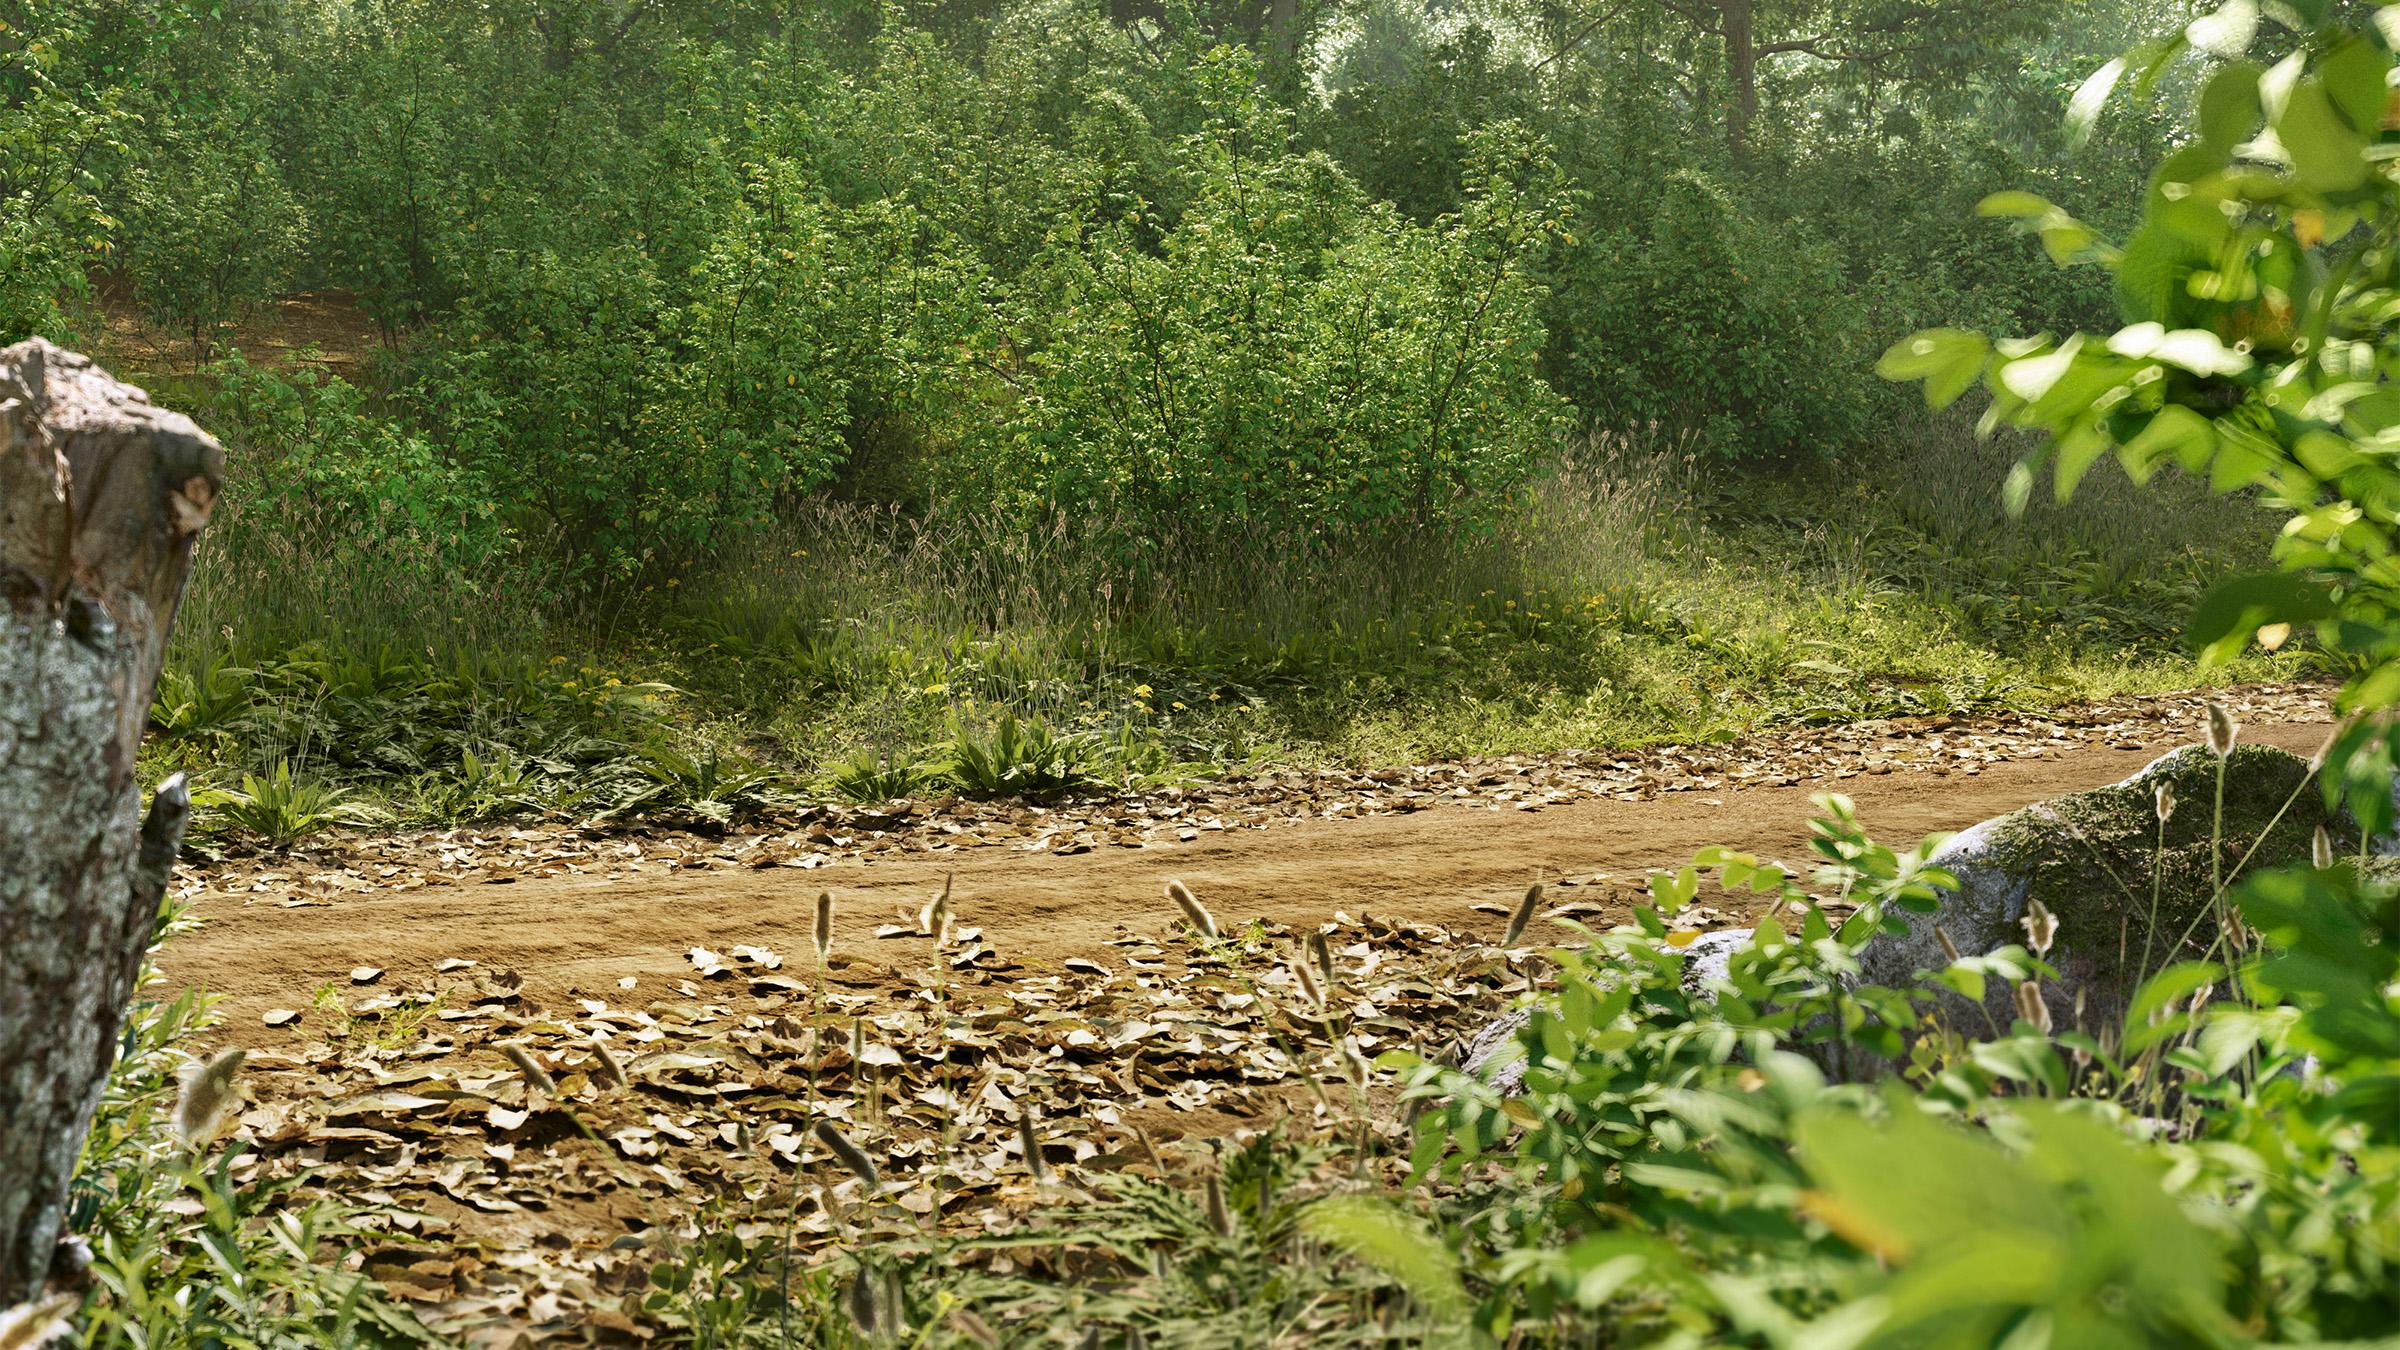 FOREST_FULL_CGI_02_2400x1350